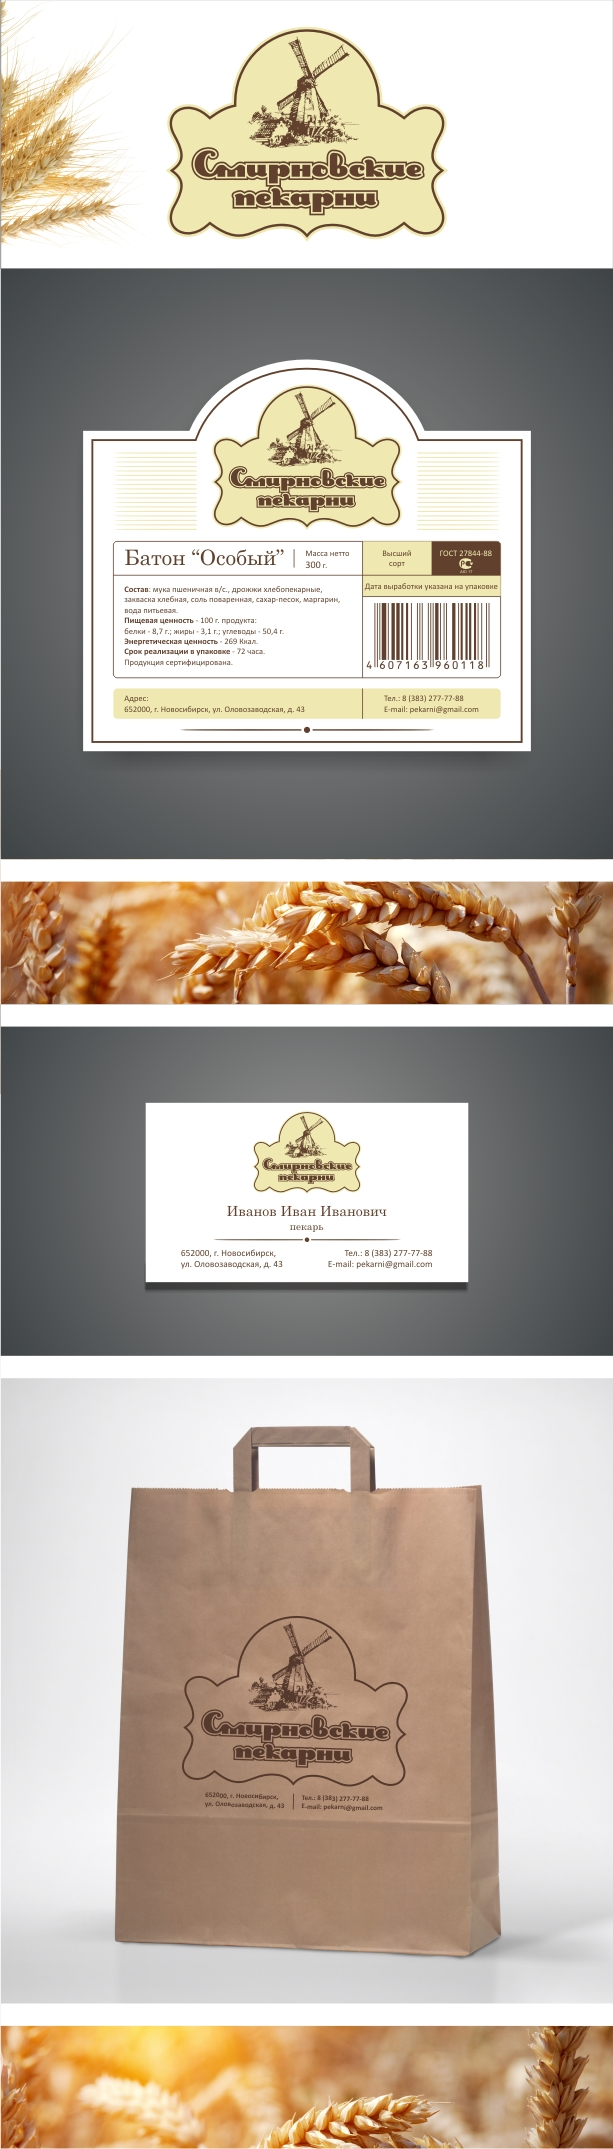 Смирновские пекарни (элементы фирстиля)